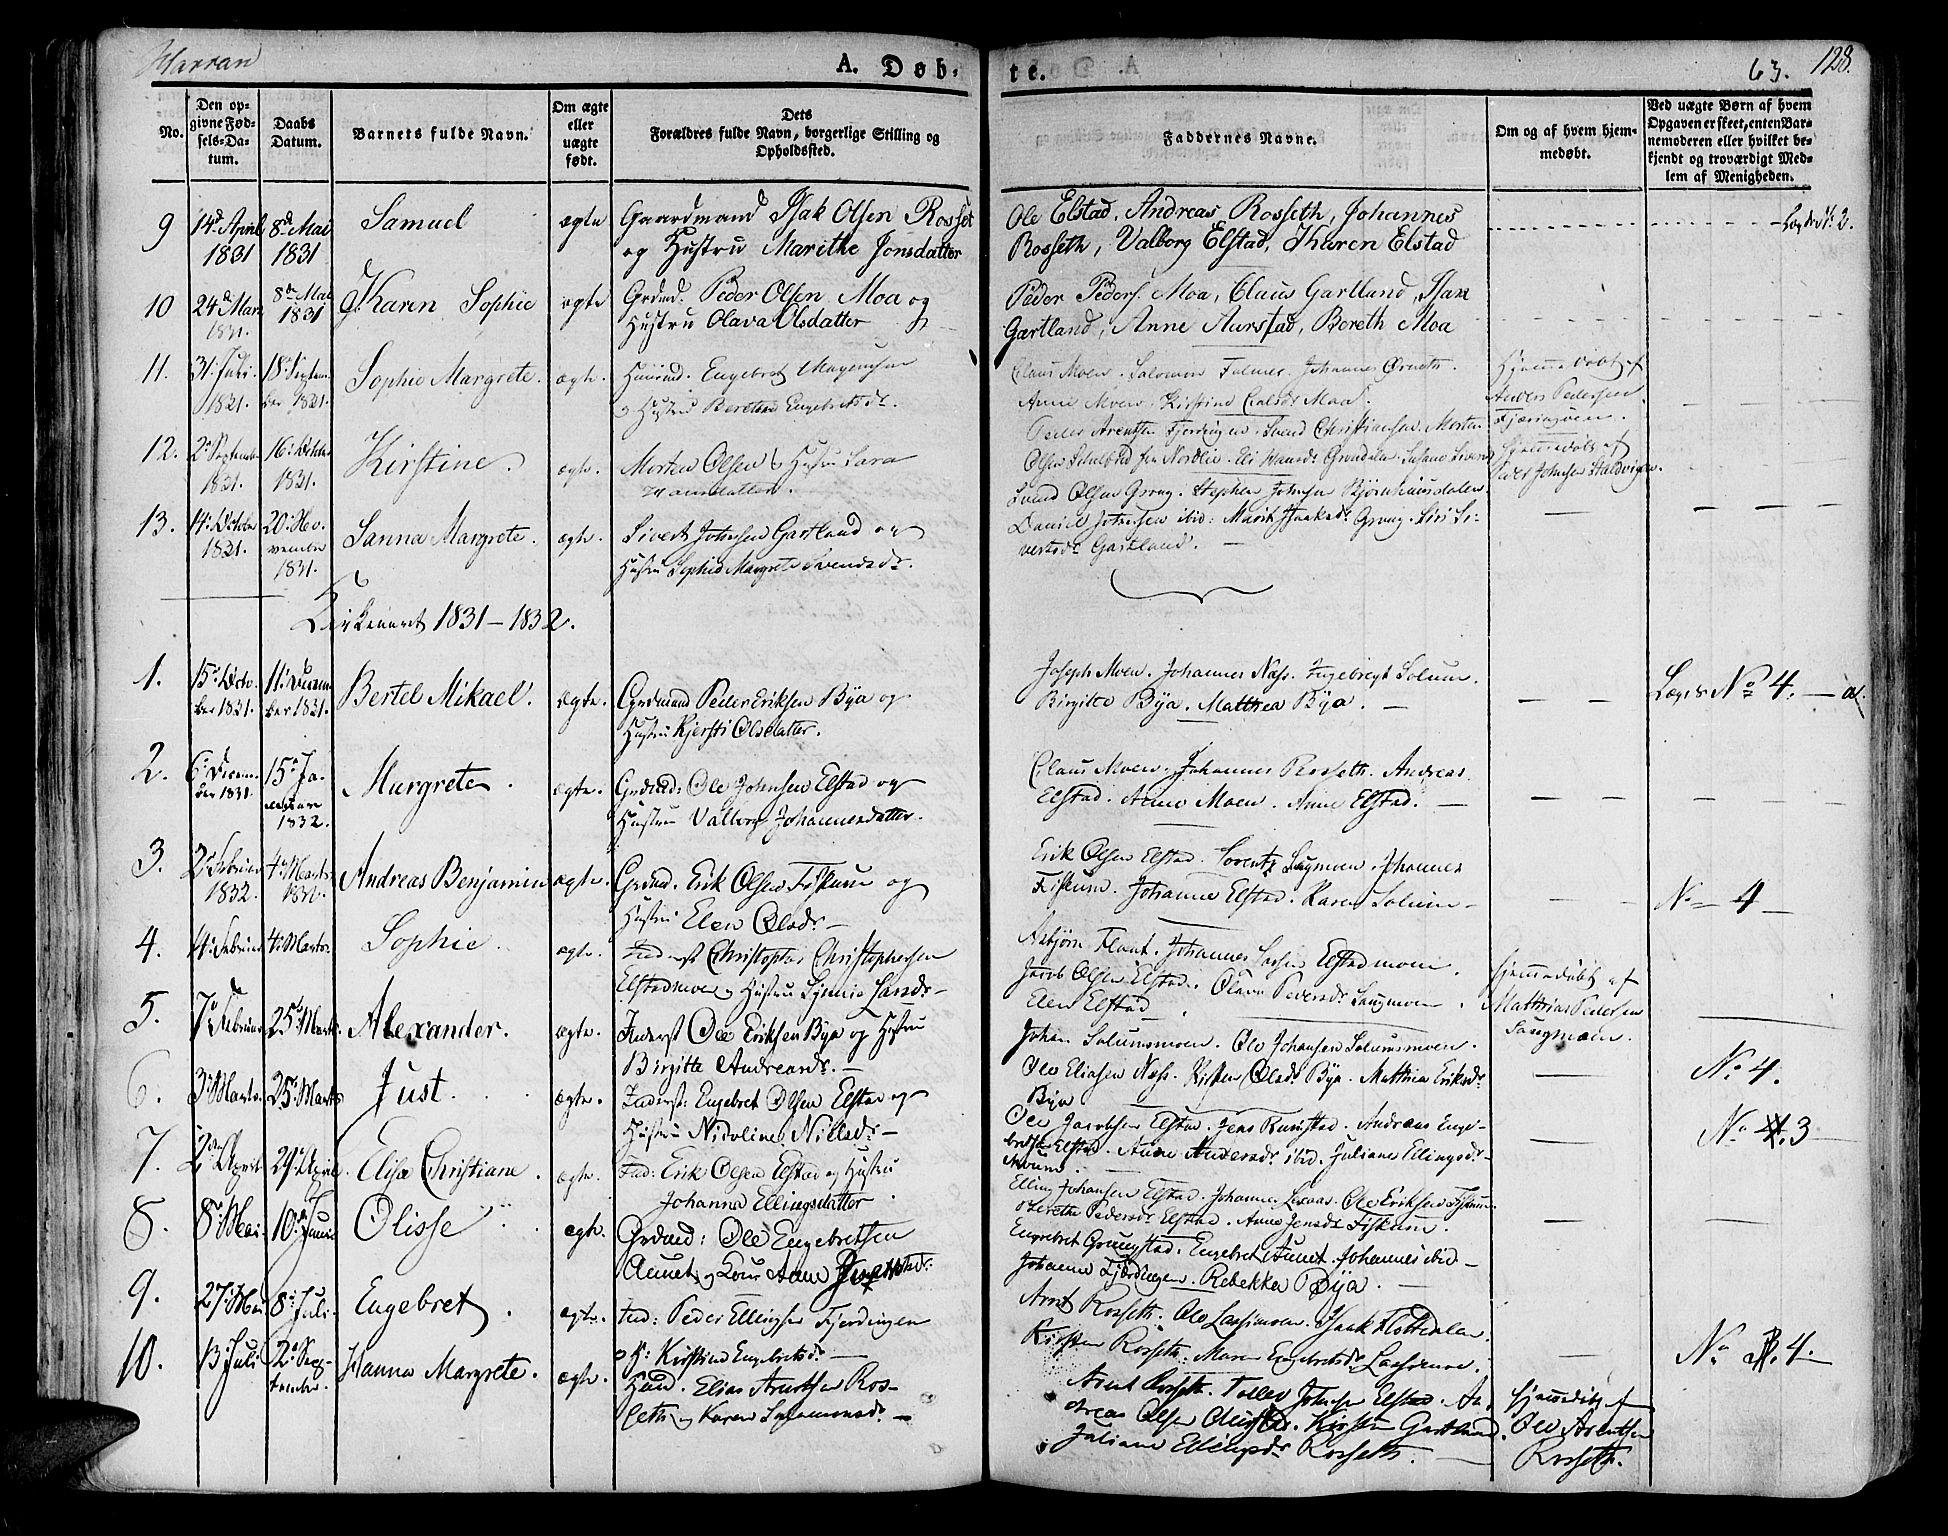 SAT, Ministerialprotokoller, klokkerbøker og fødselsregistre - Nord-Trøndelag, 758/L0510: Ministerialbok nr. 758A01 /3, 1821-1841, s. 63